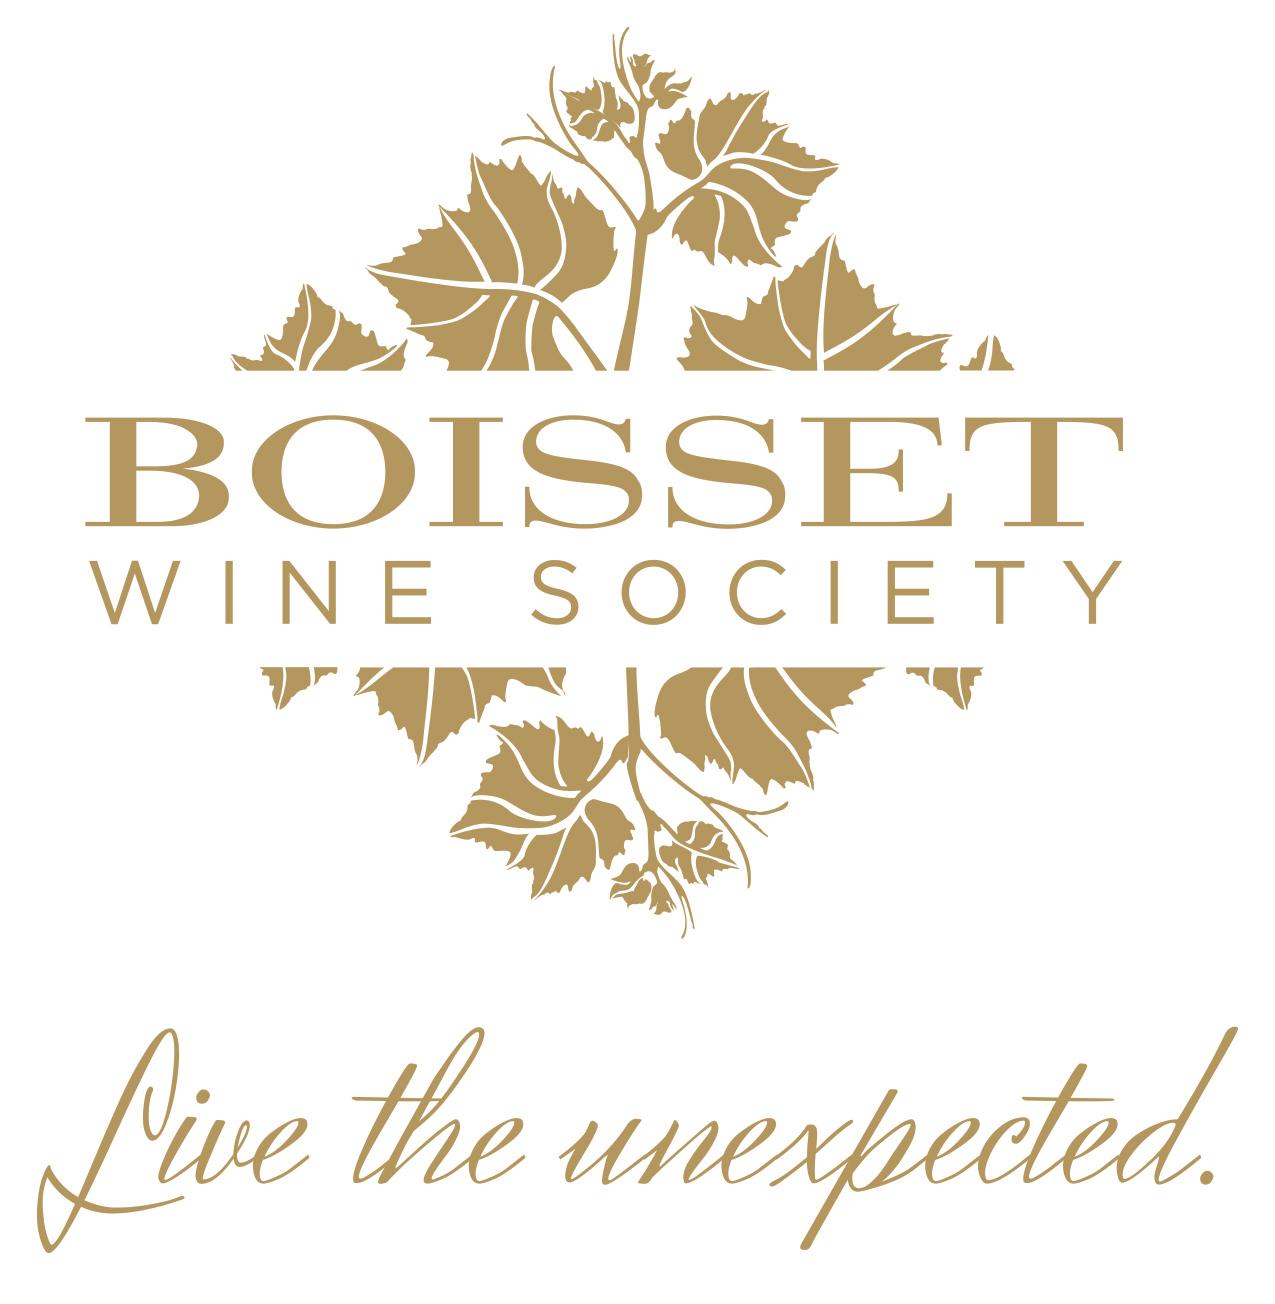 Boisset Wine Society